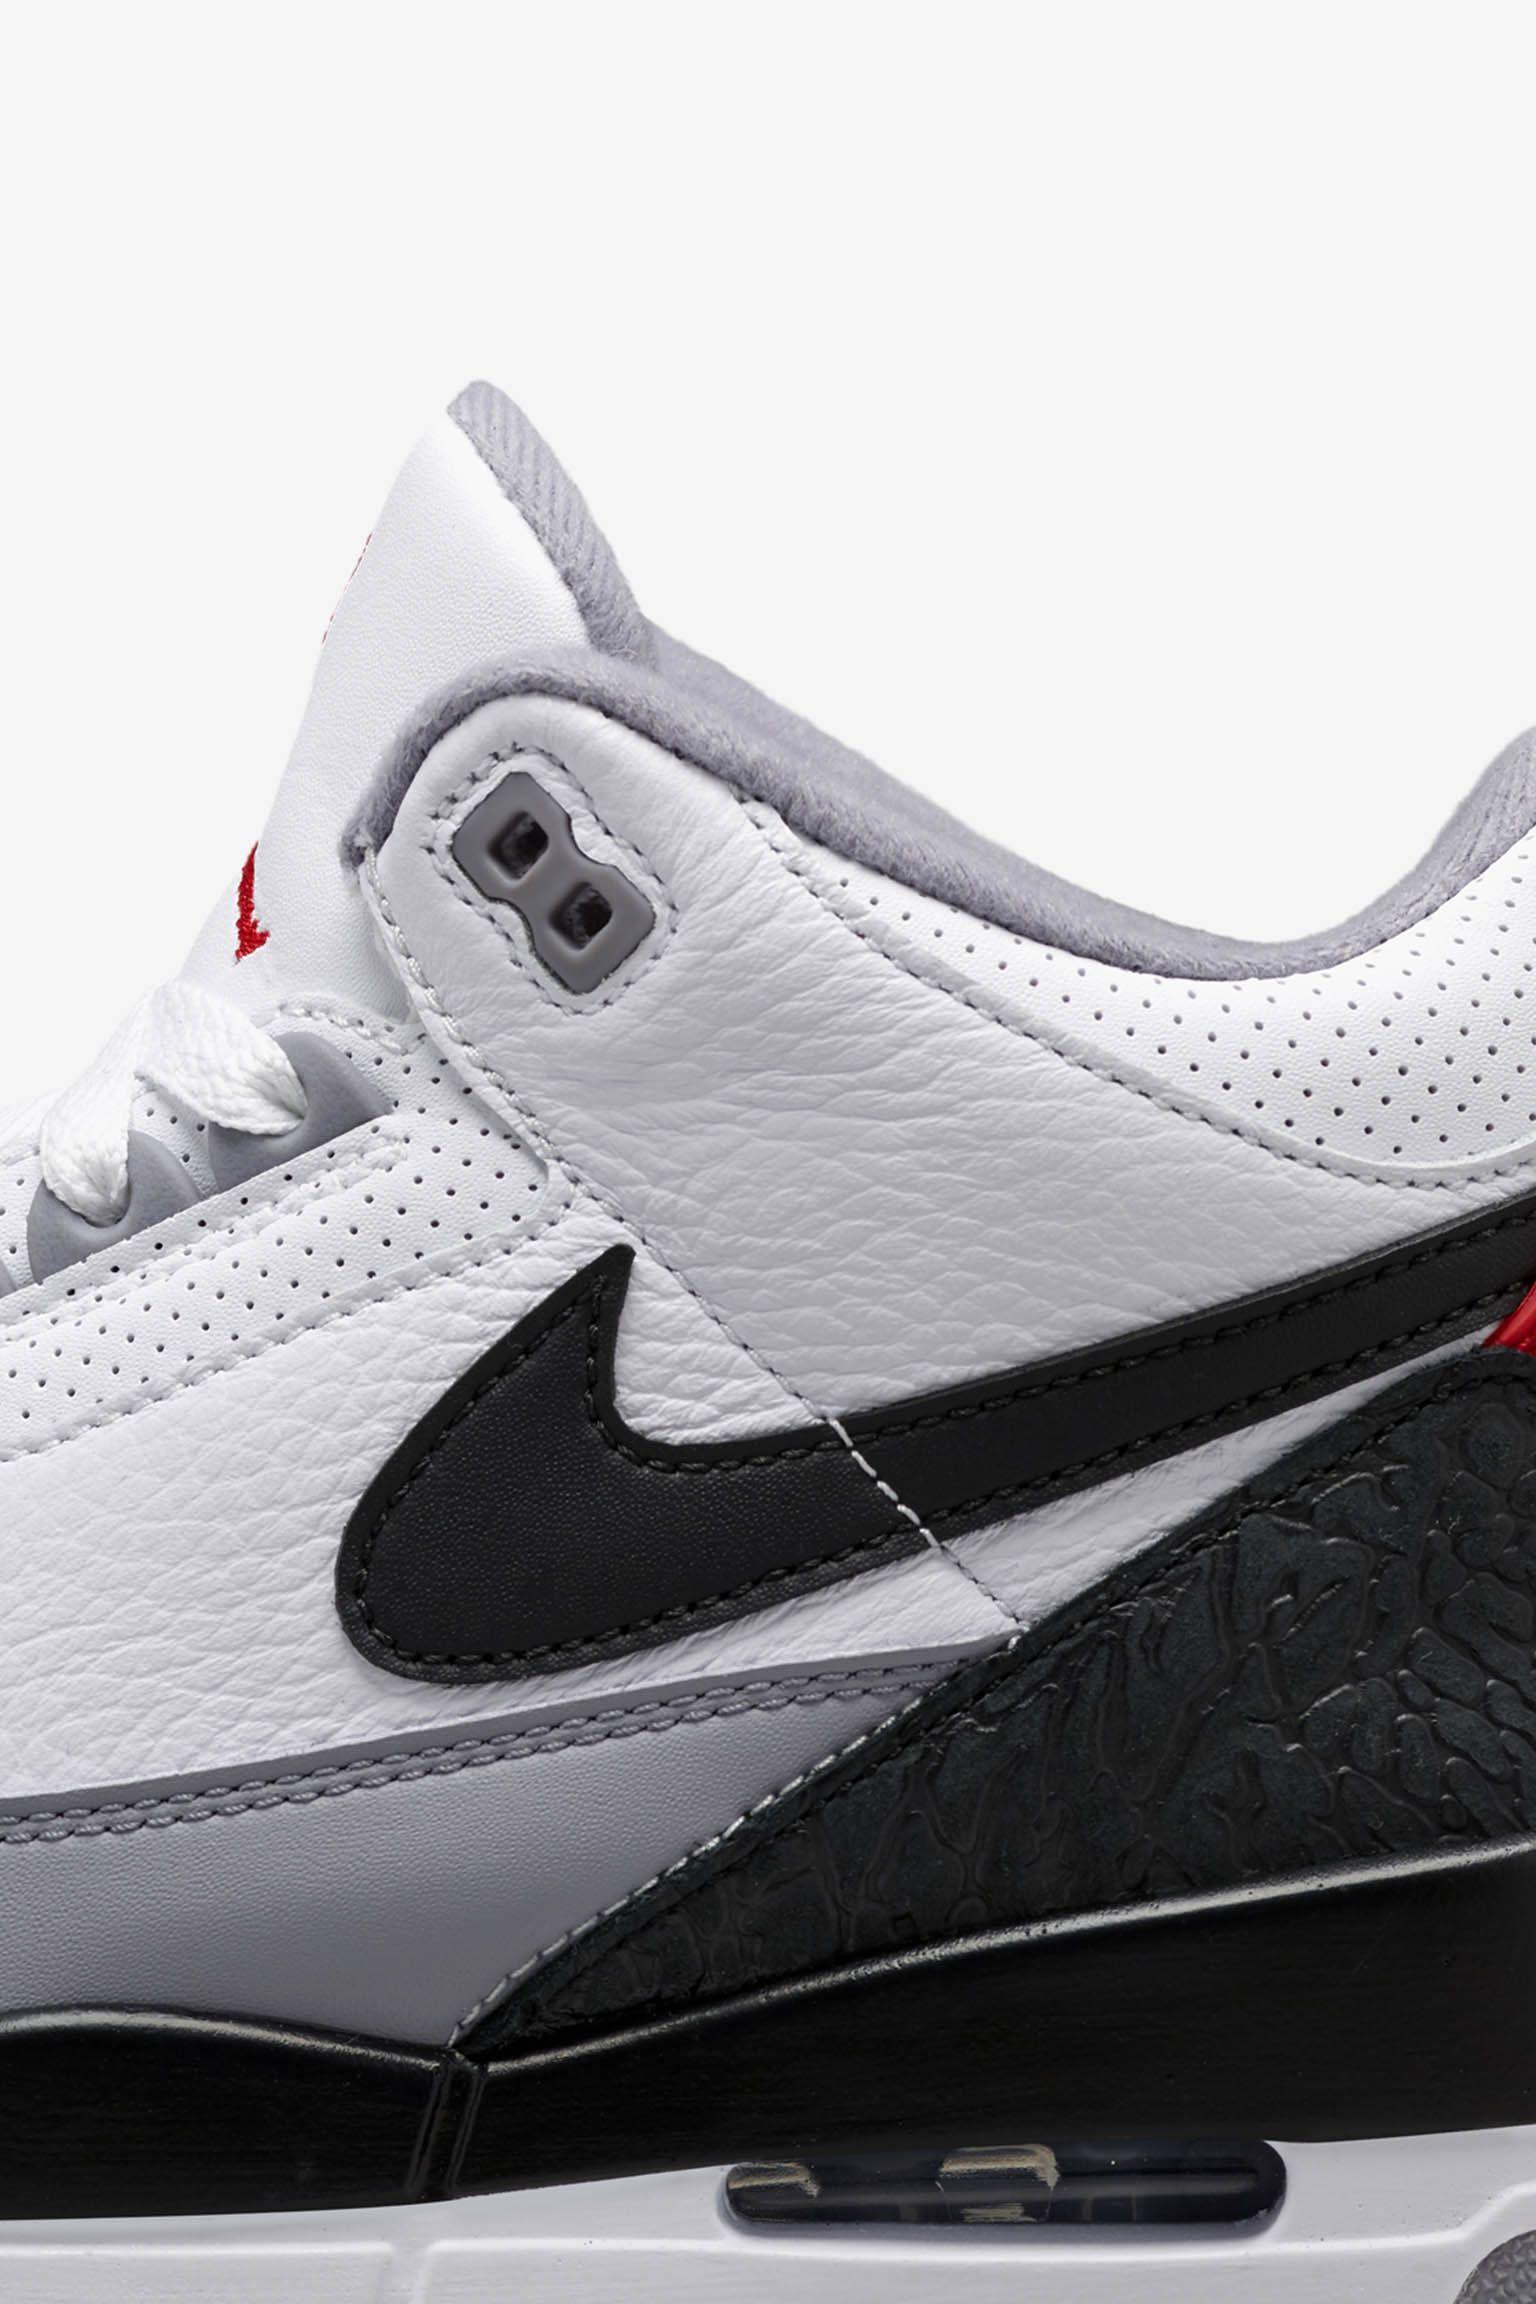 Air Jordan 3 'Tinker' Release Date